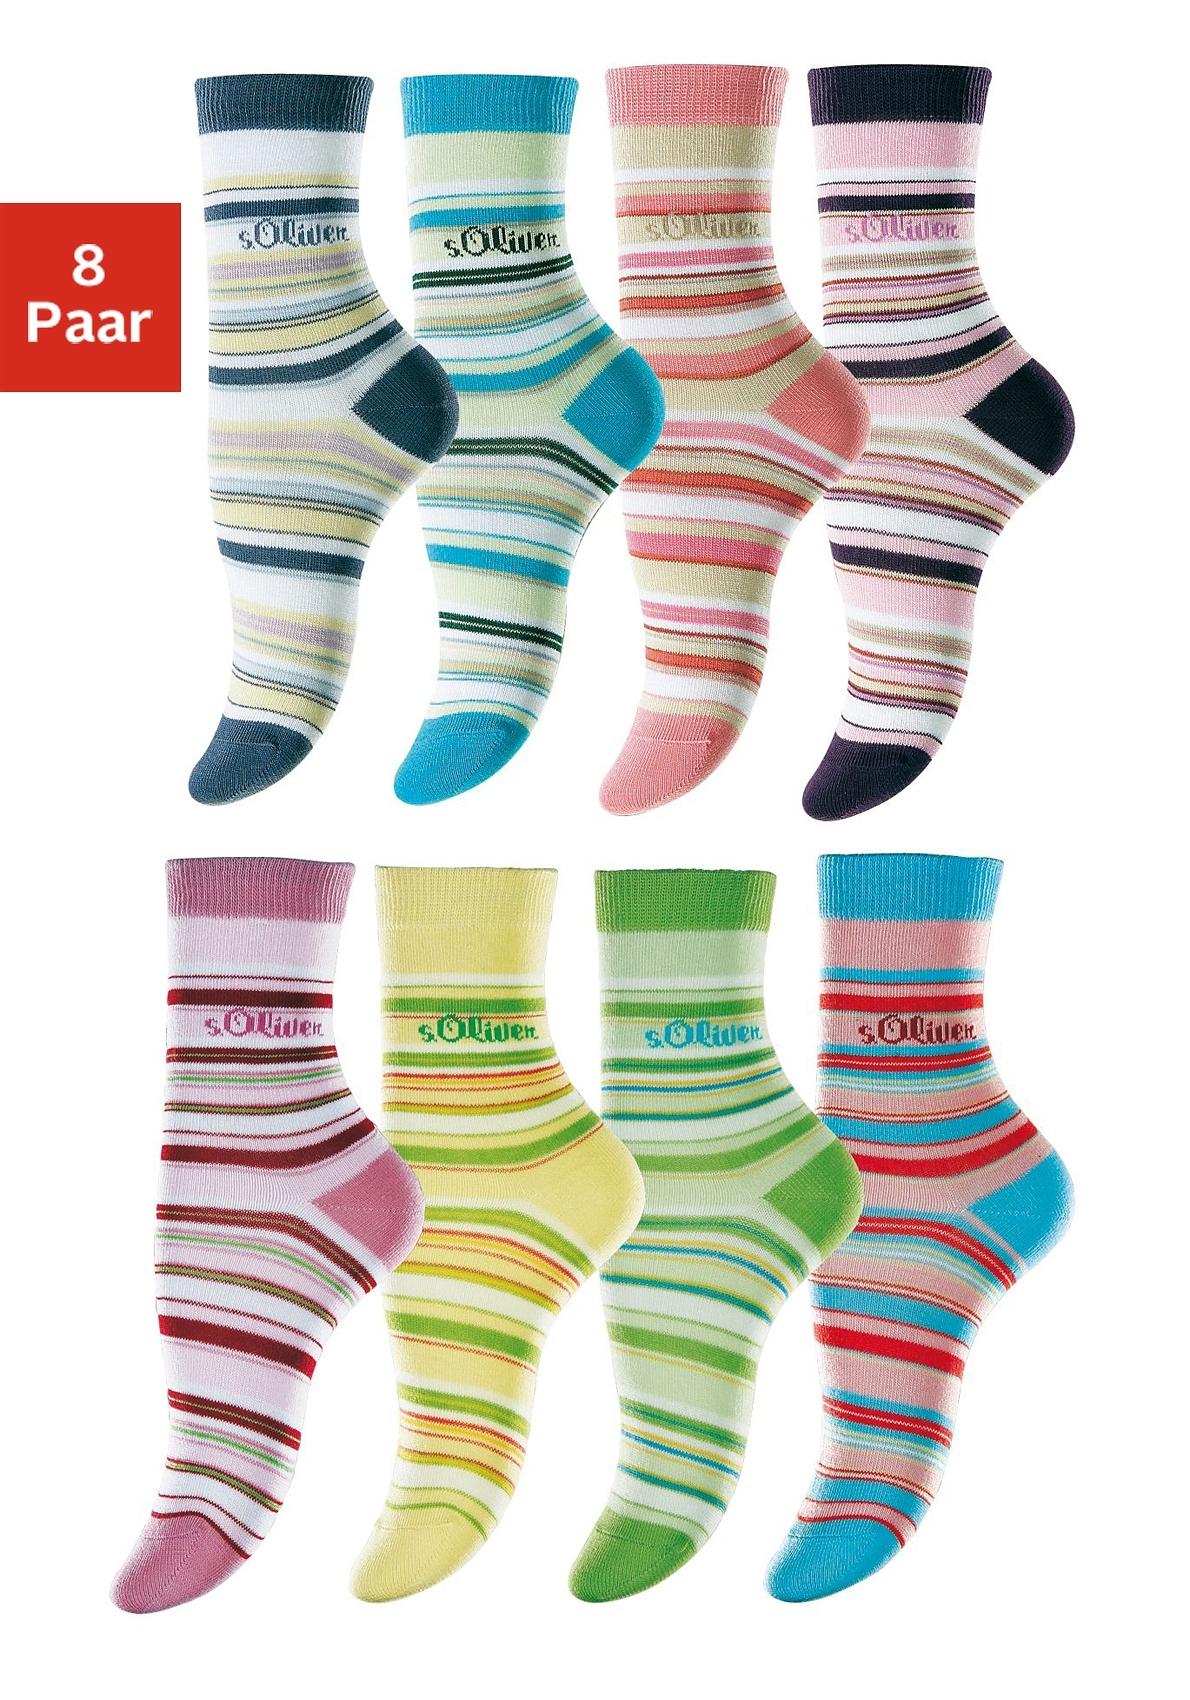 s.Oliver RED LABEL Gestreepte sokken, set van 8 paar voordelig en veilig online kopen